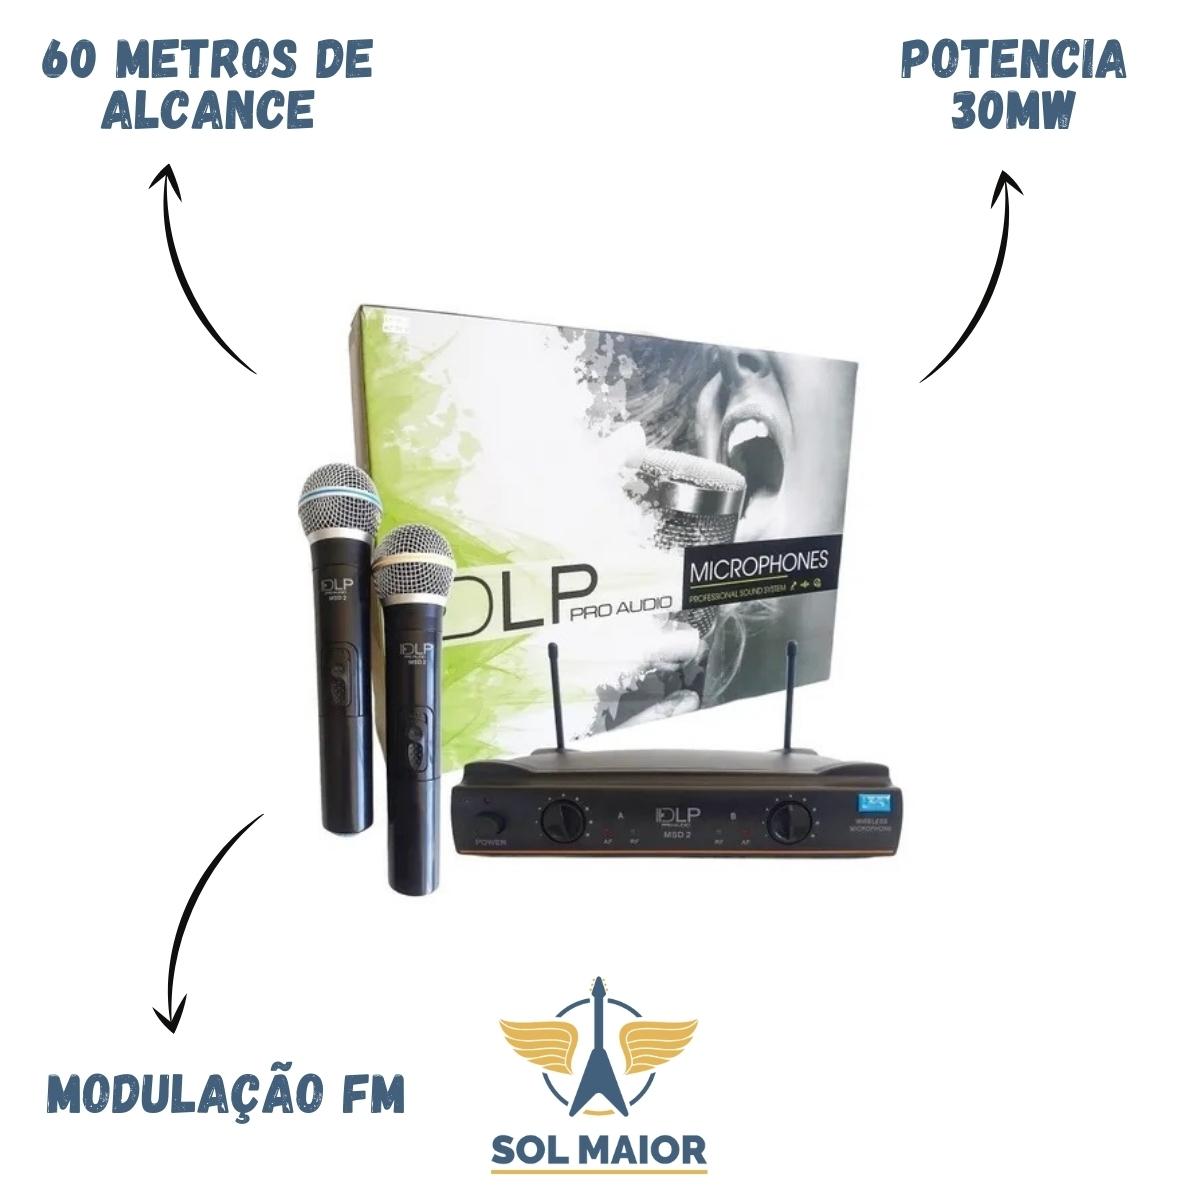 Microfones Sem Fios Dlp Msd2 Dinâmico Unidirecional Preto